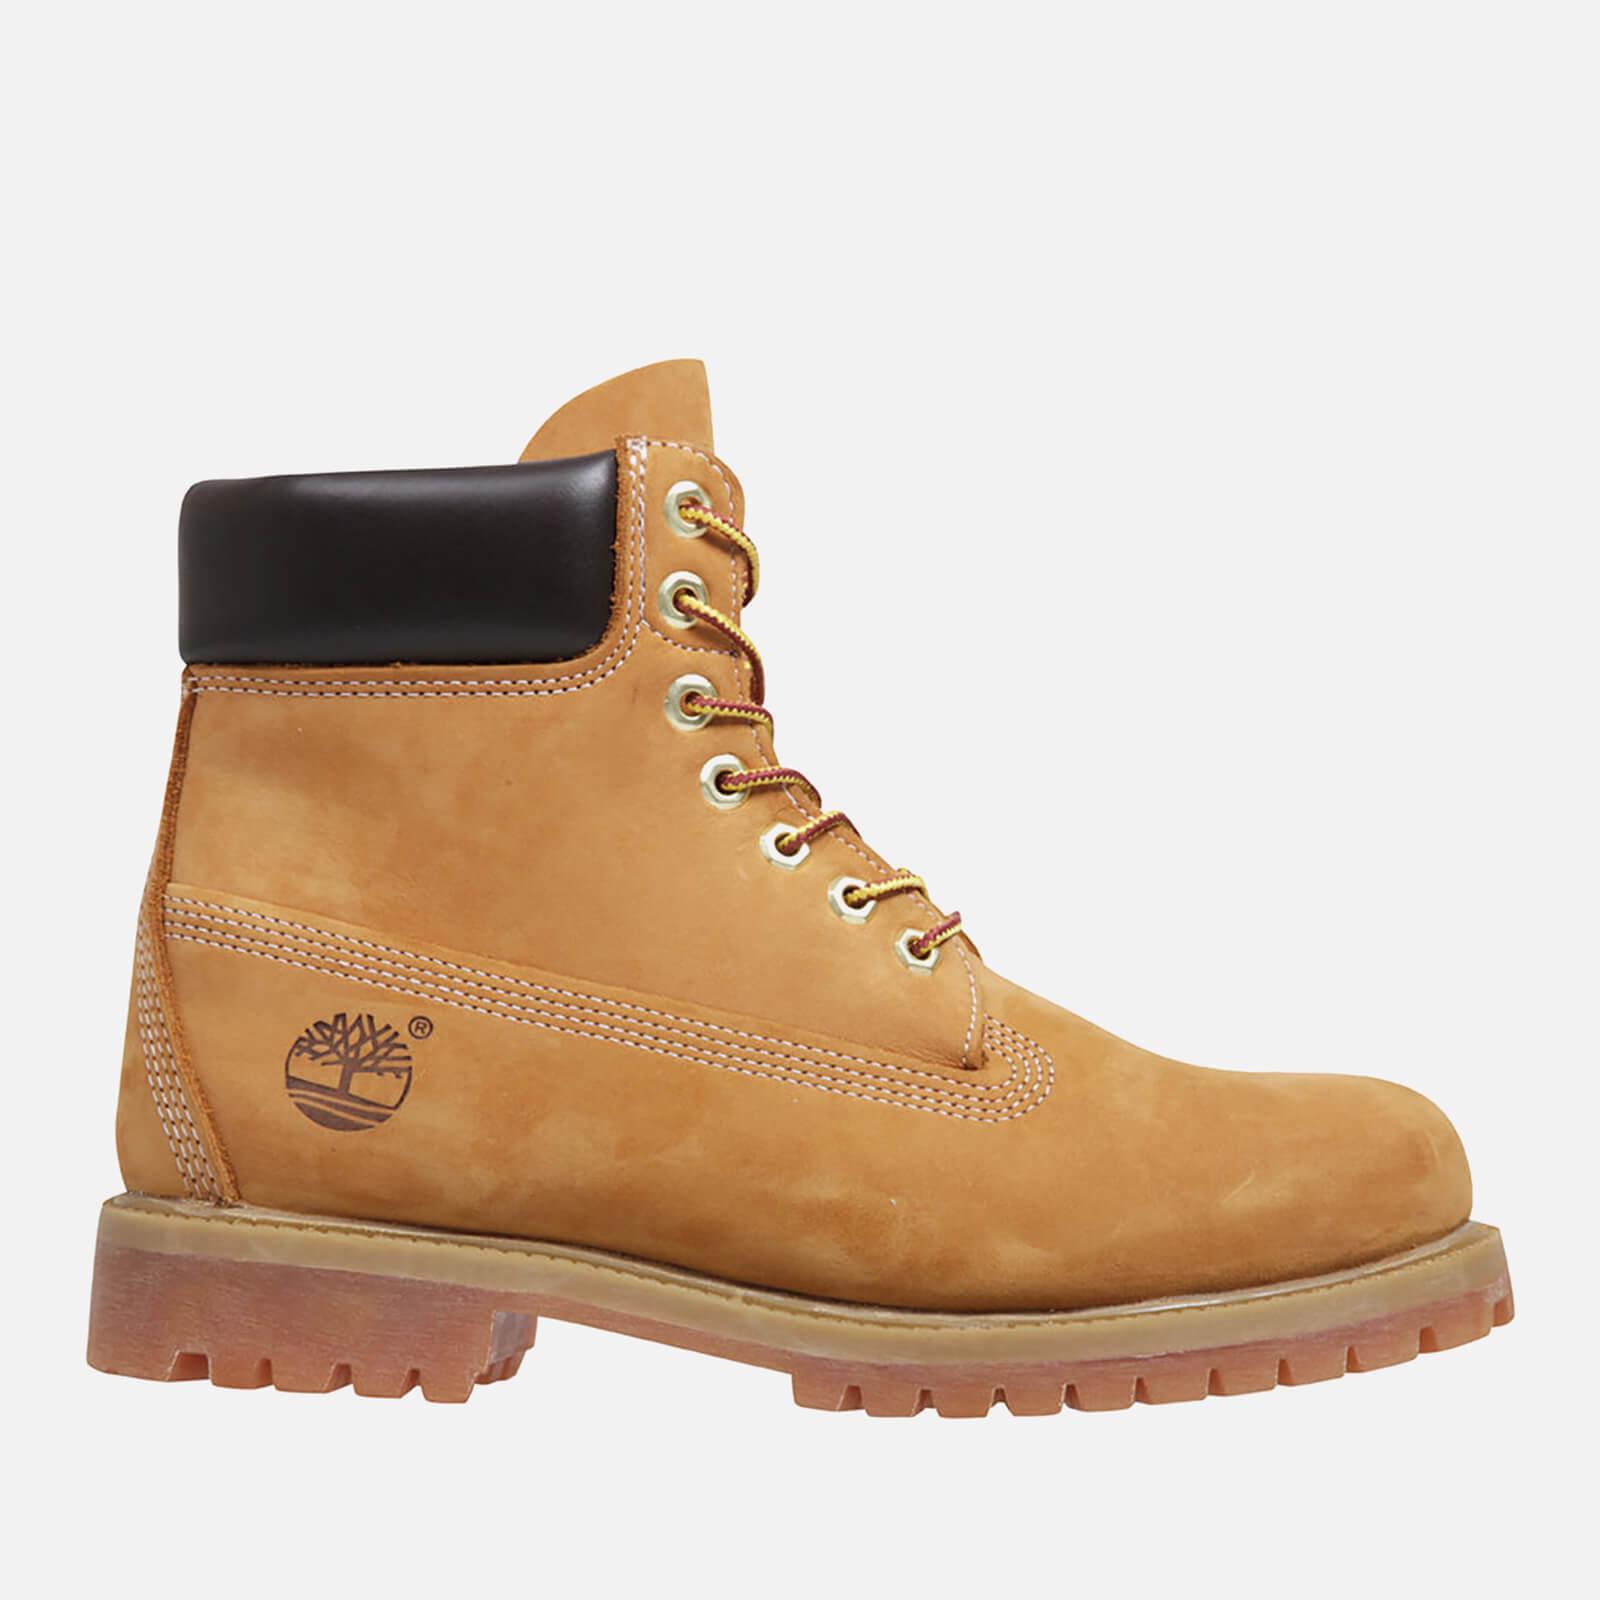 Timberland Men's 6 Inch Premium Boots - Wheat - UK 11